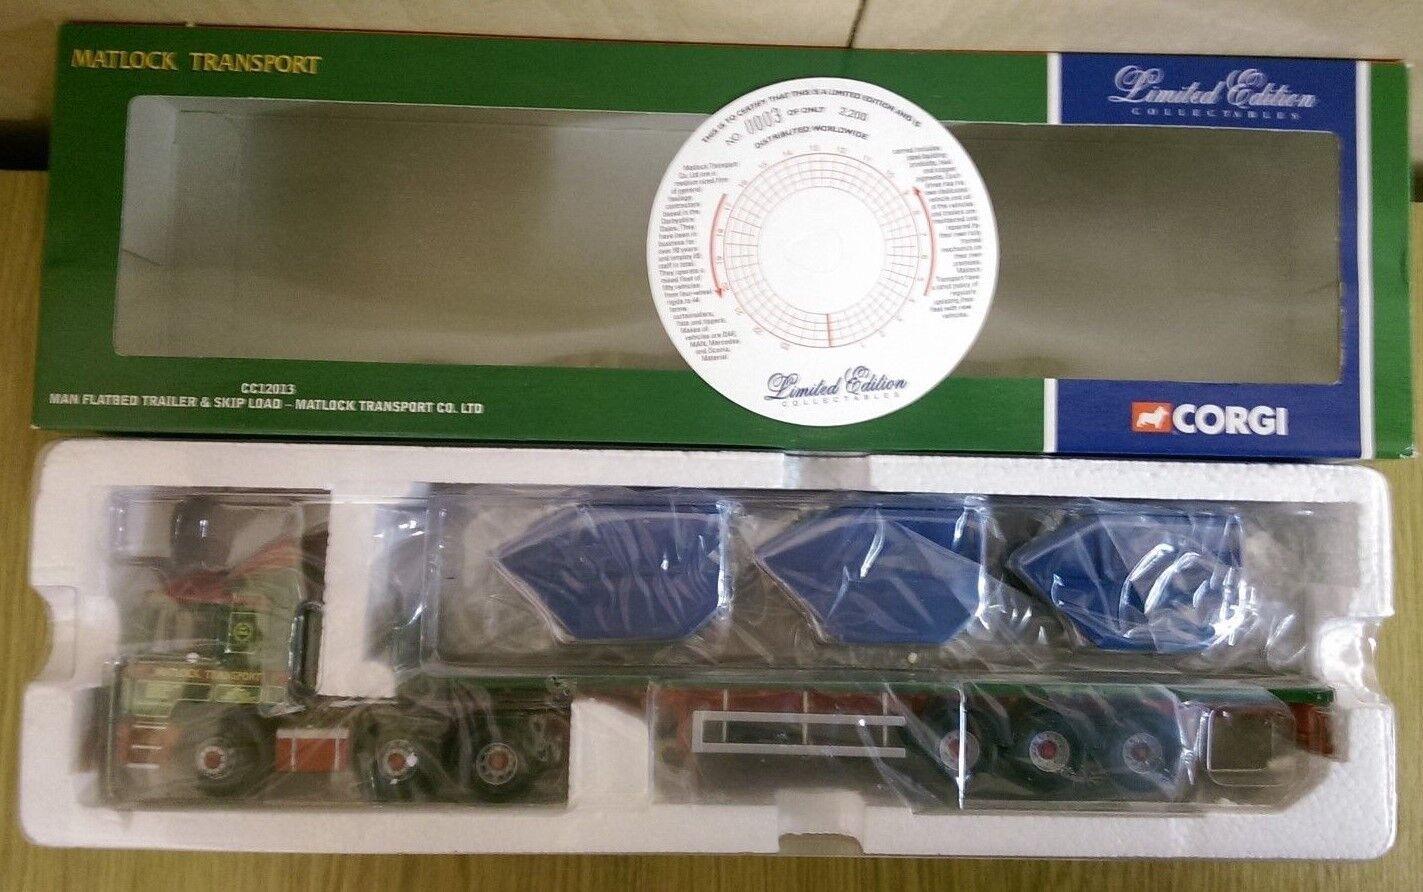 Corgi CC12013 Hombre Caja Remolque & Skip carga Matlock TRANS. Ltd Ed 0003 de 2200